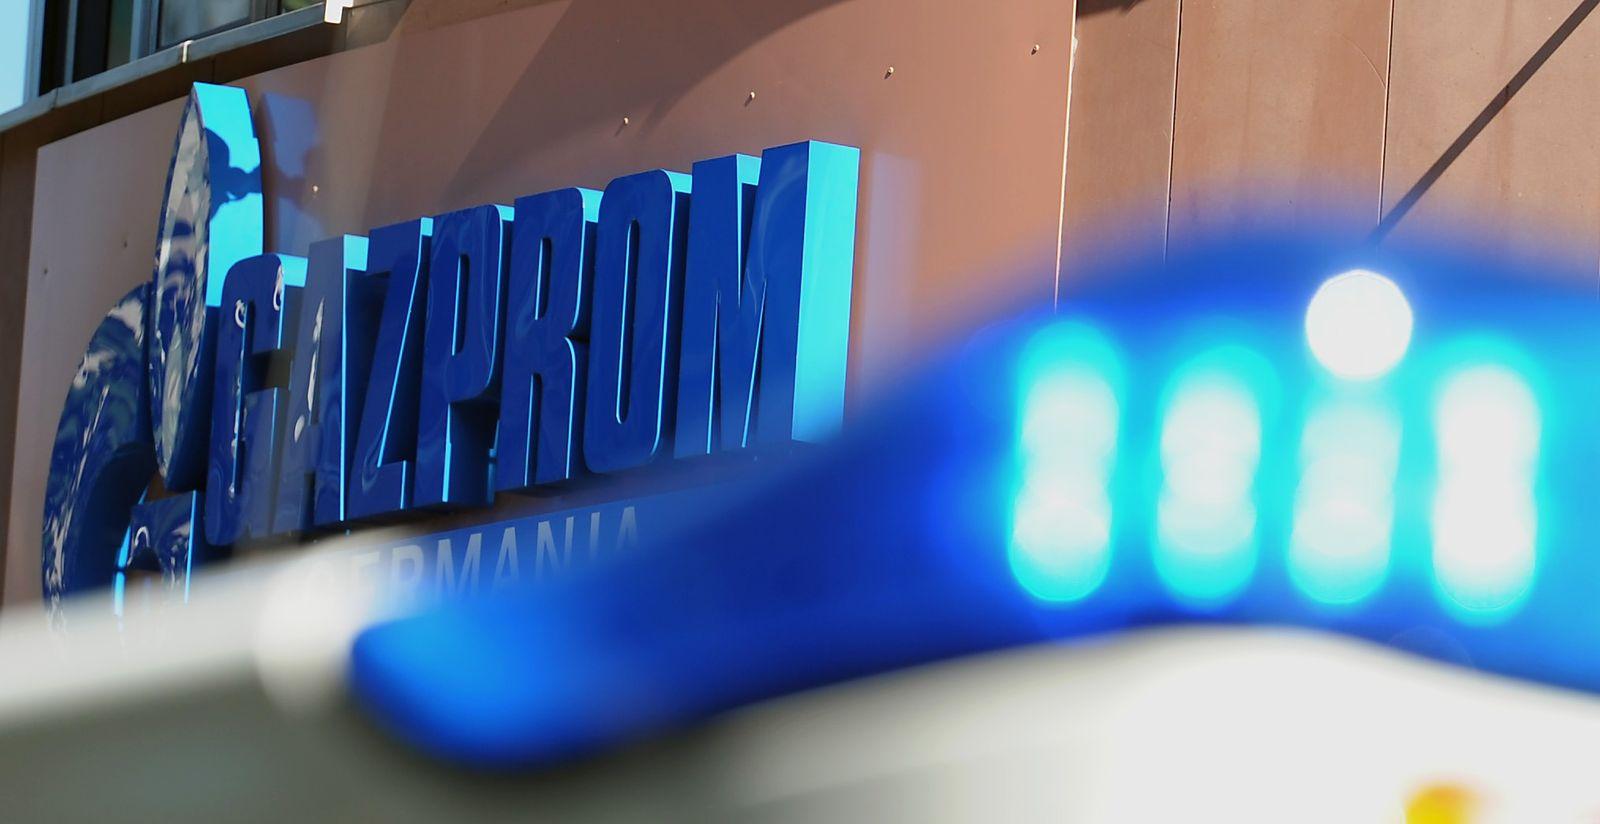 Berlin/ Gazprom-Zentrale/ Razzia